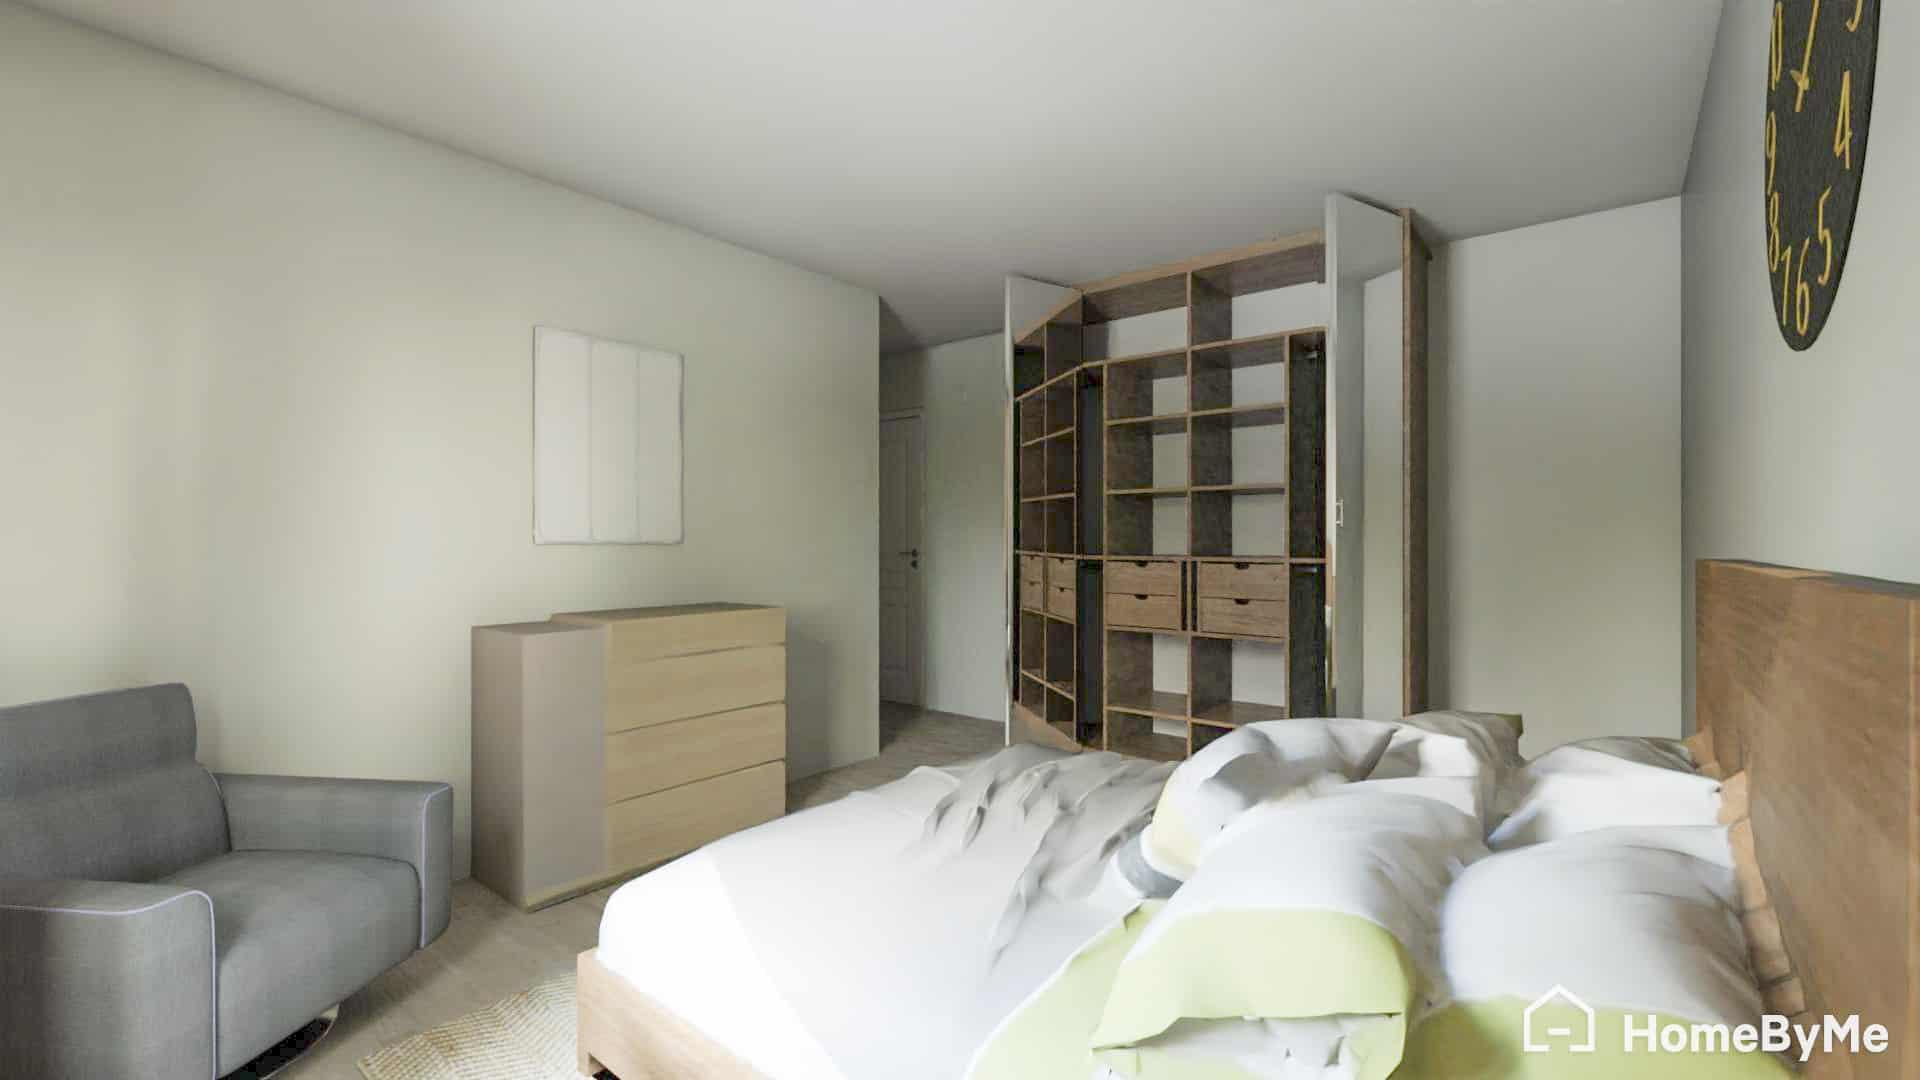 habitacion-3-a-hd00001